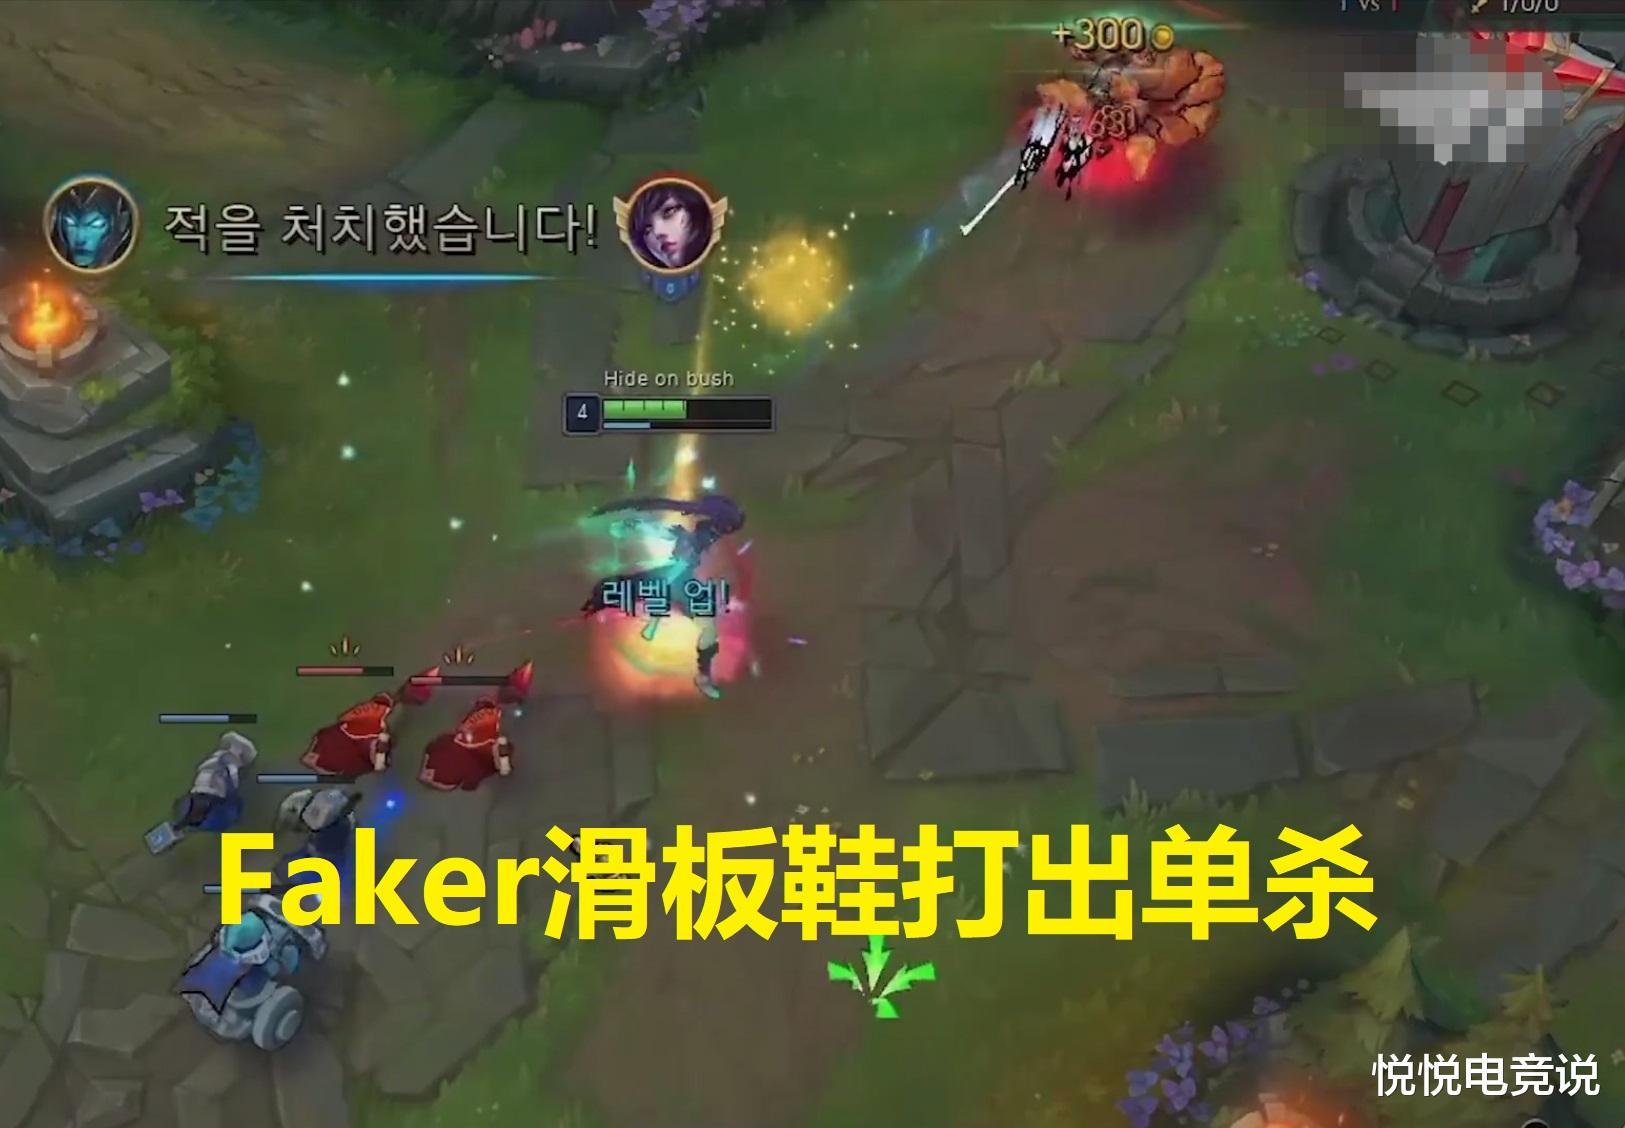 《【煜星在线娱乐】看到TheShy玩上单滑板鞋,Faker也试玩一把,结果自己被自己菜笑了!》